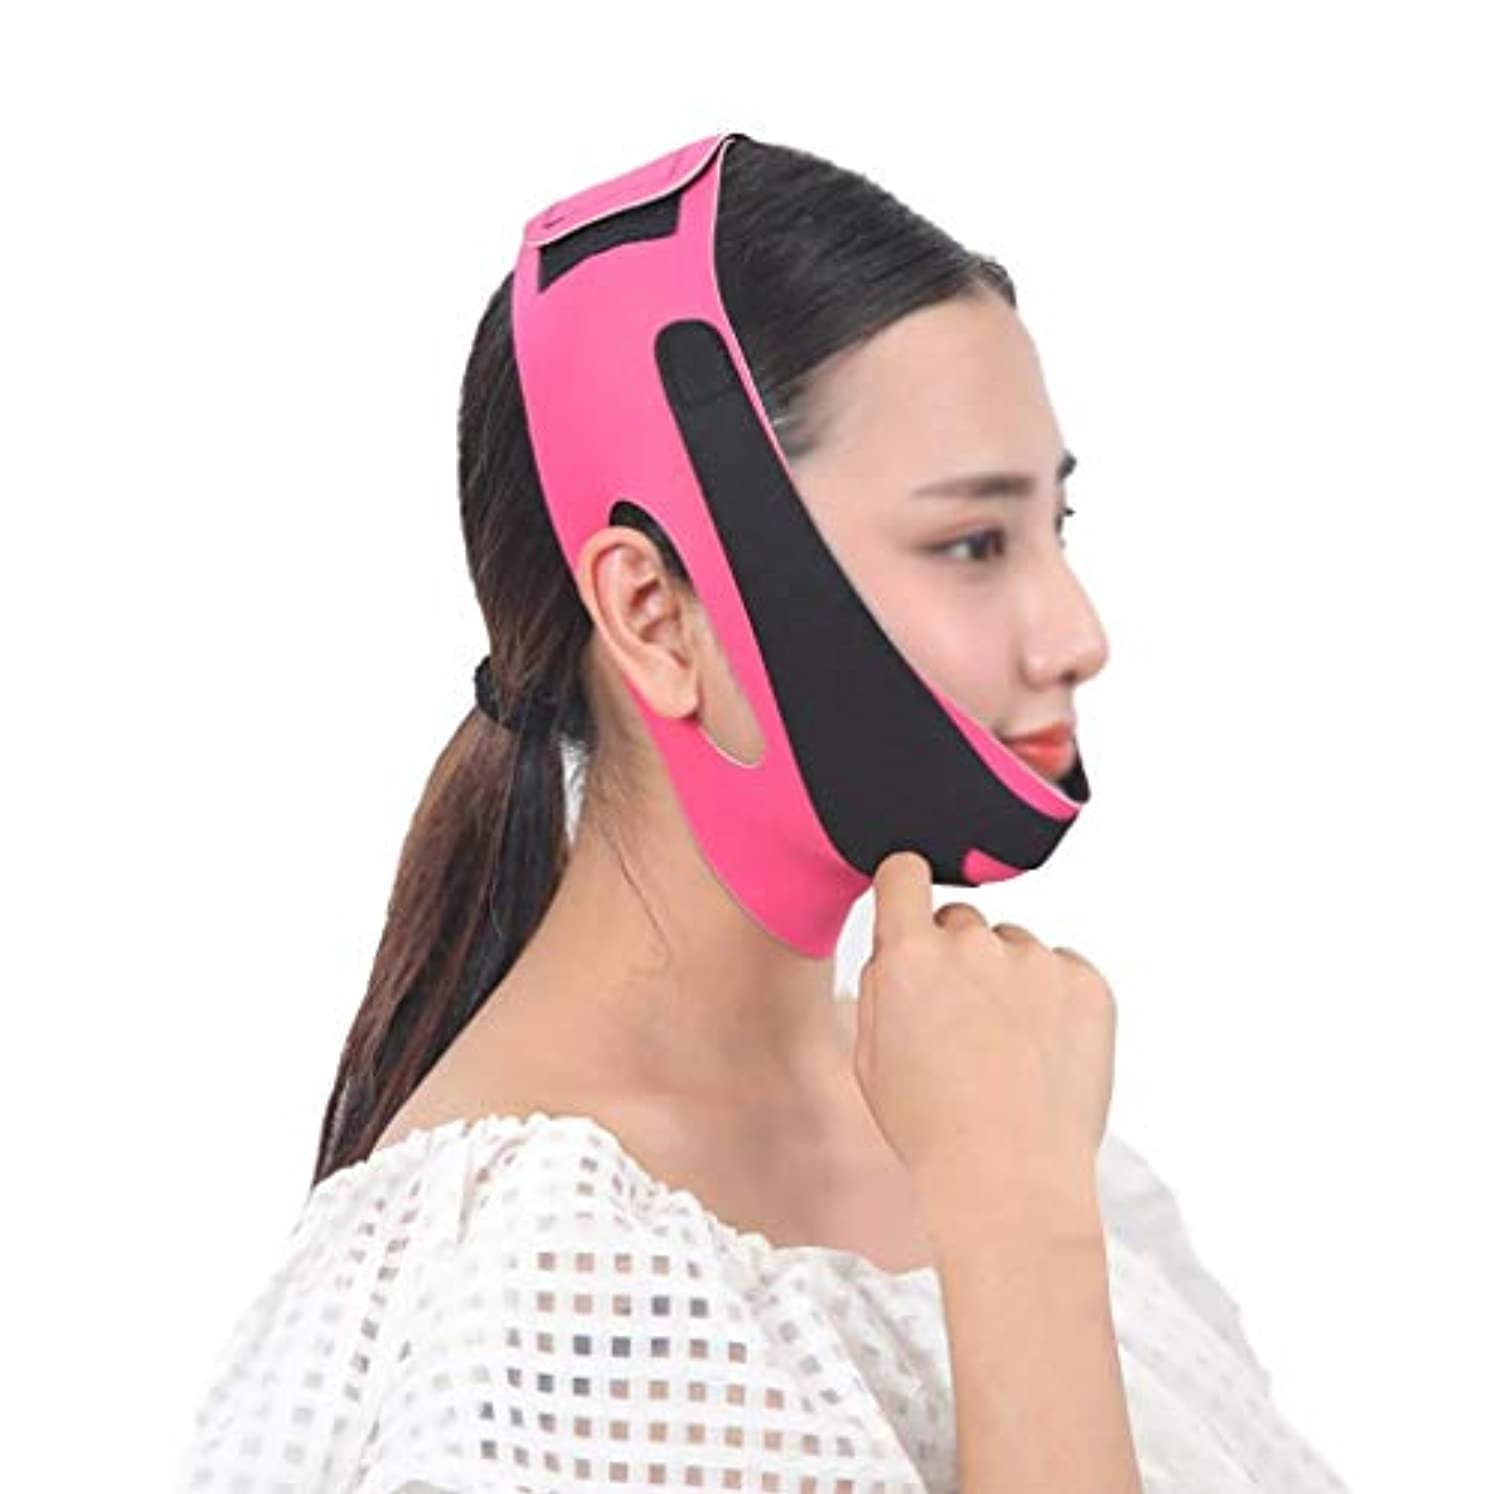 代わりにを立てる忙しいアームストロング顔と首のリフト術後の弾性フェイスマスク小V顔アーティファクト薄い顔包帯アーティファクトV顔吊り耳リフティング引き締め薄い顔アーティファクト